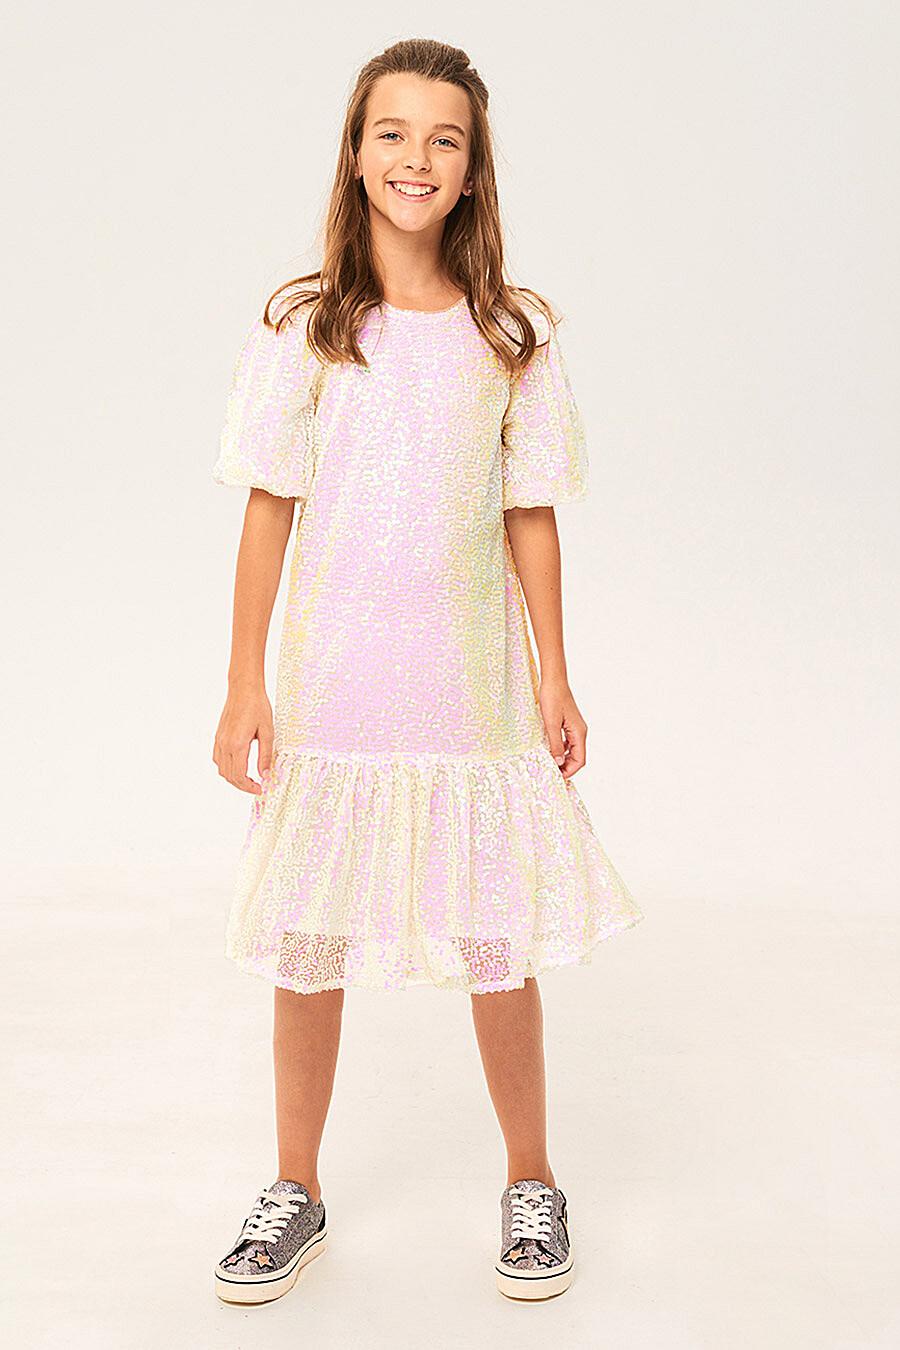 Платье для девочек IN FUNT 708028 купить оптом от производителя. Совместная покупка детской одежды в OptMoyo